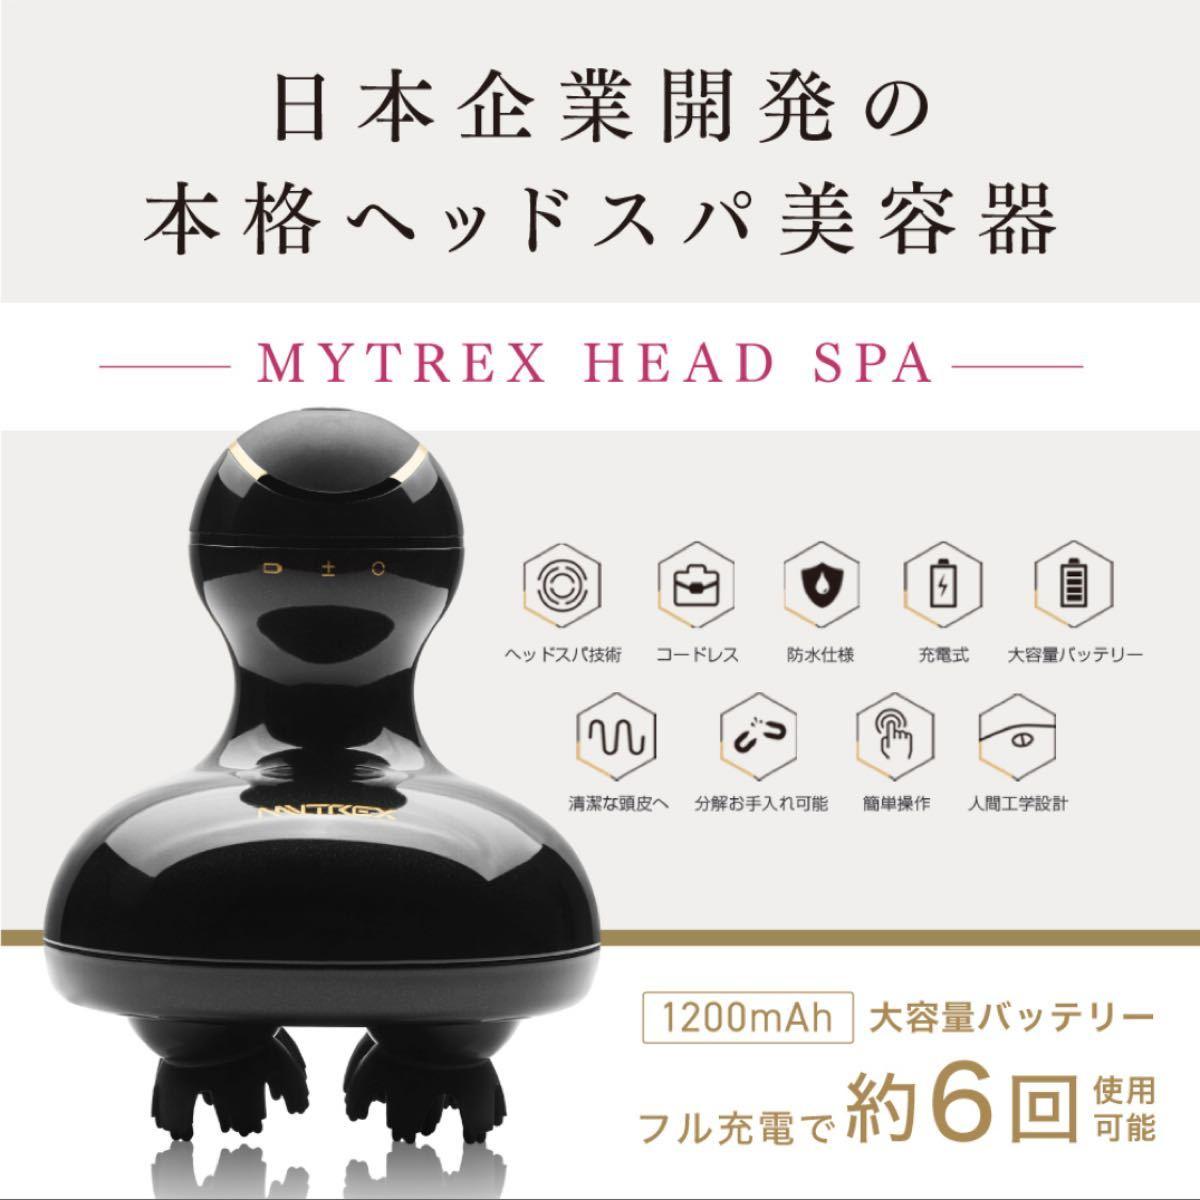 マイトレックス ヘッドスパ MYTREX HS-1808B